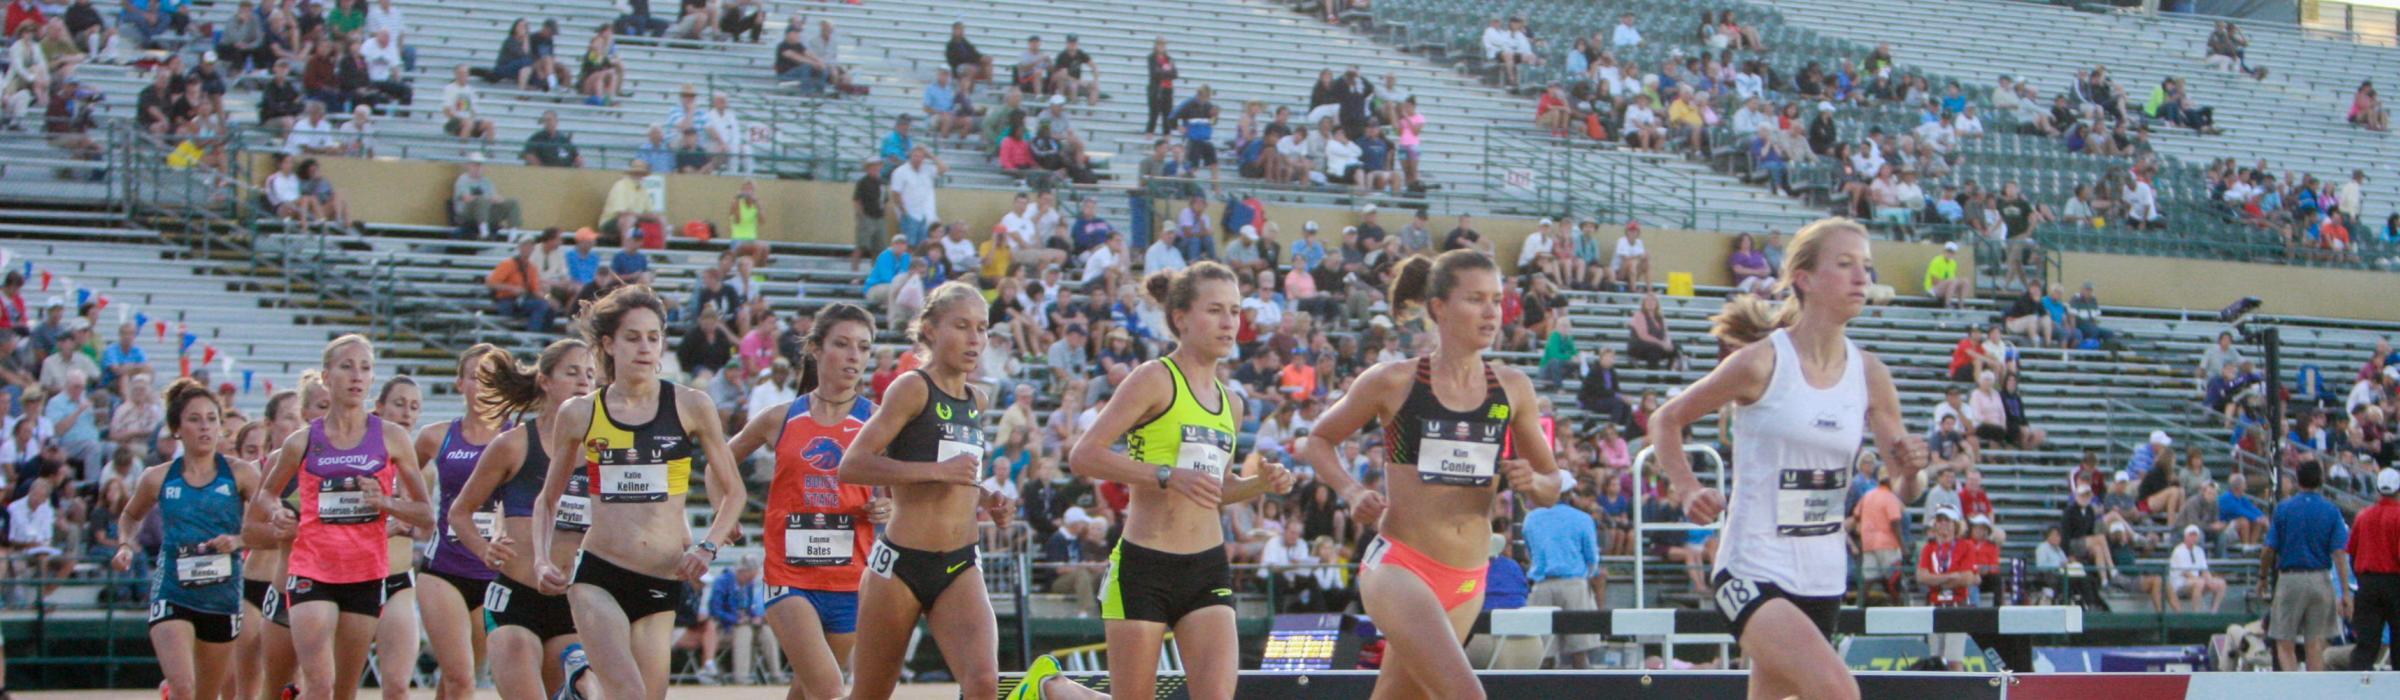 US Track & Field